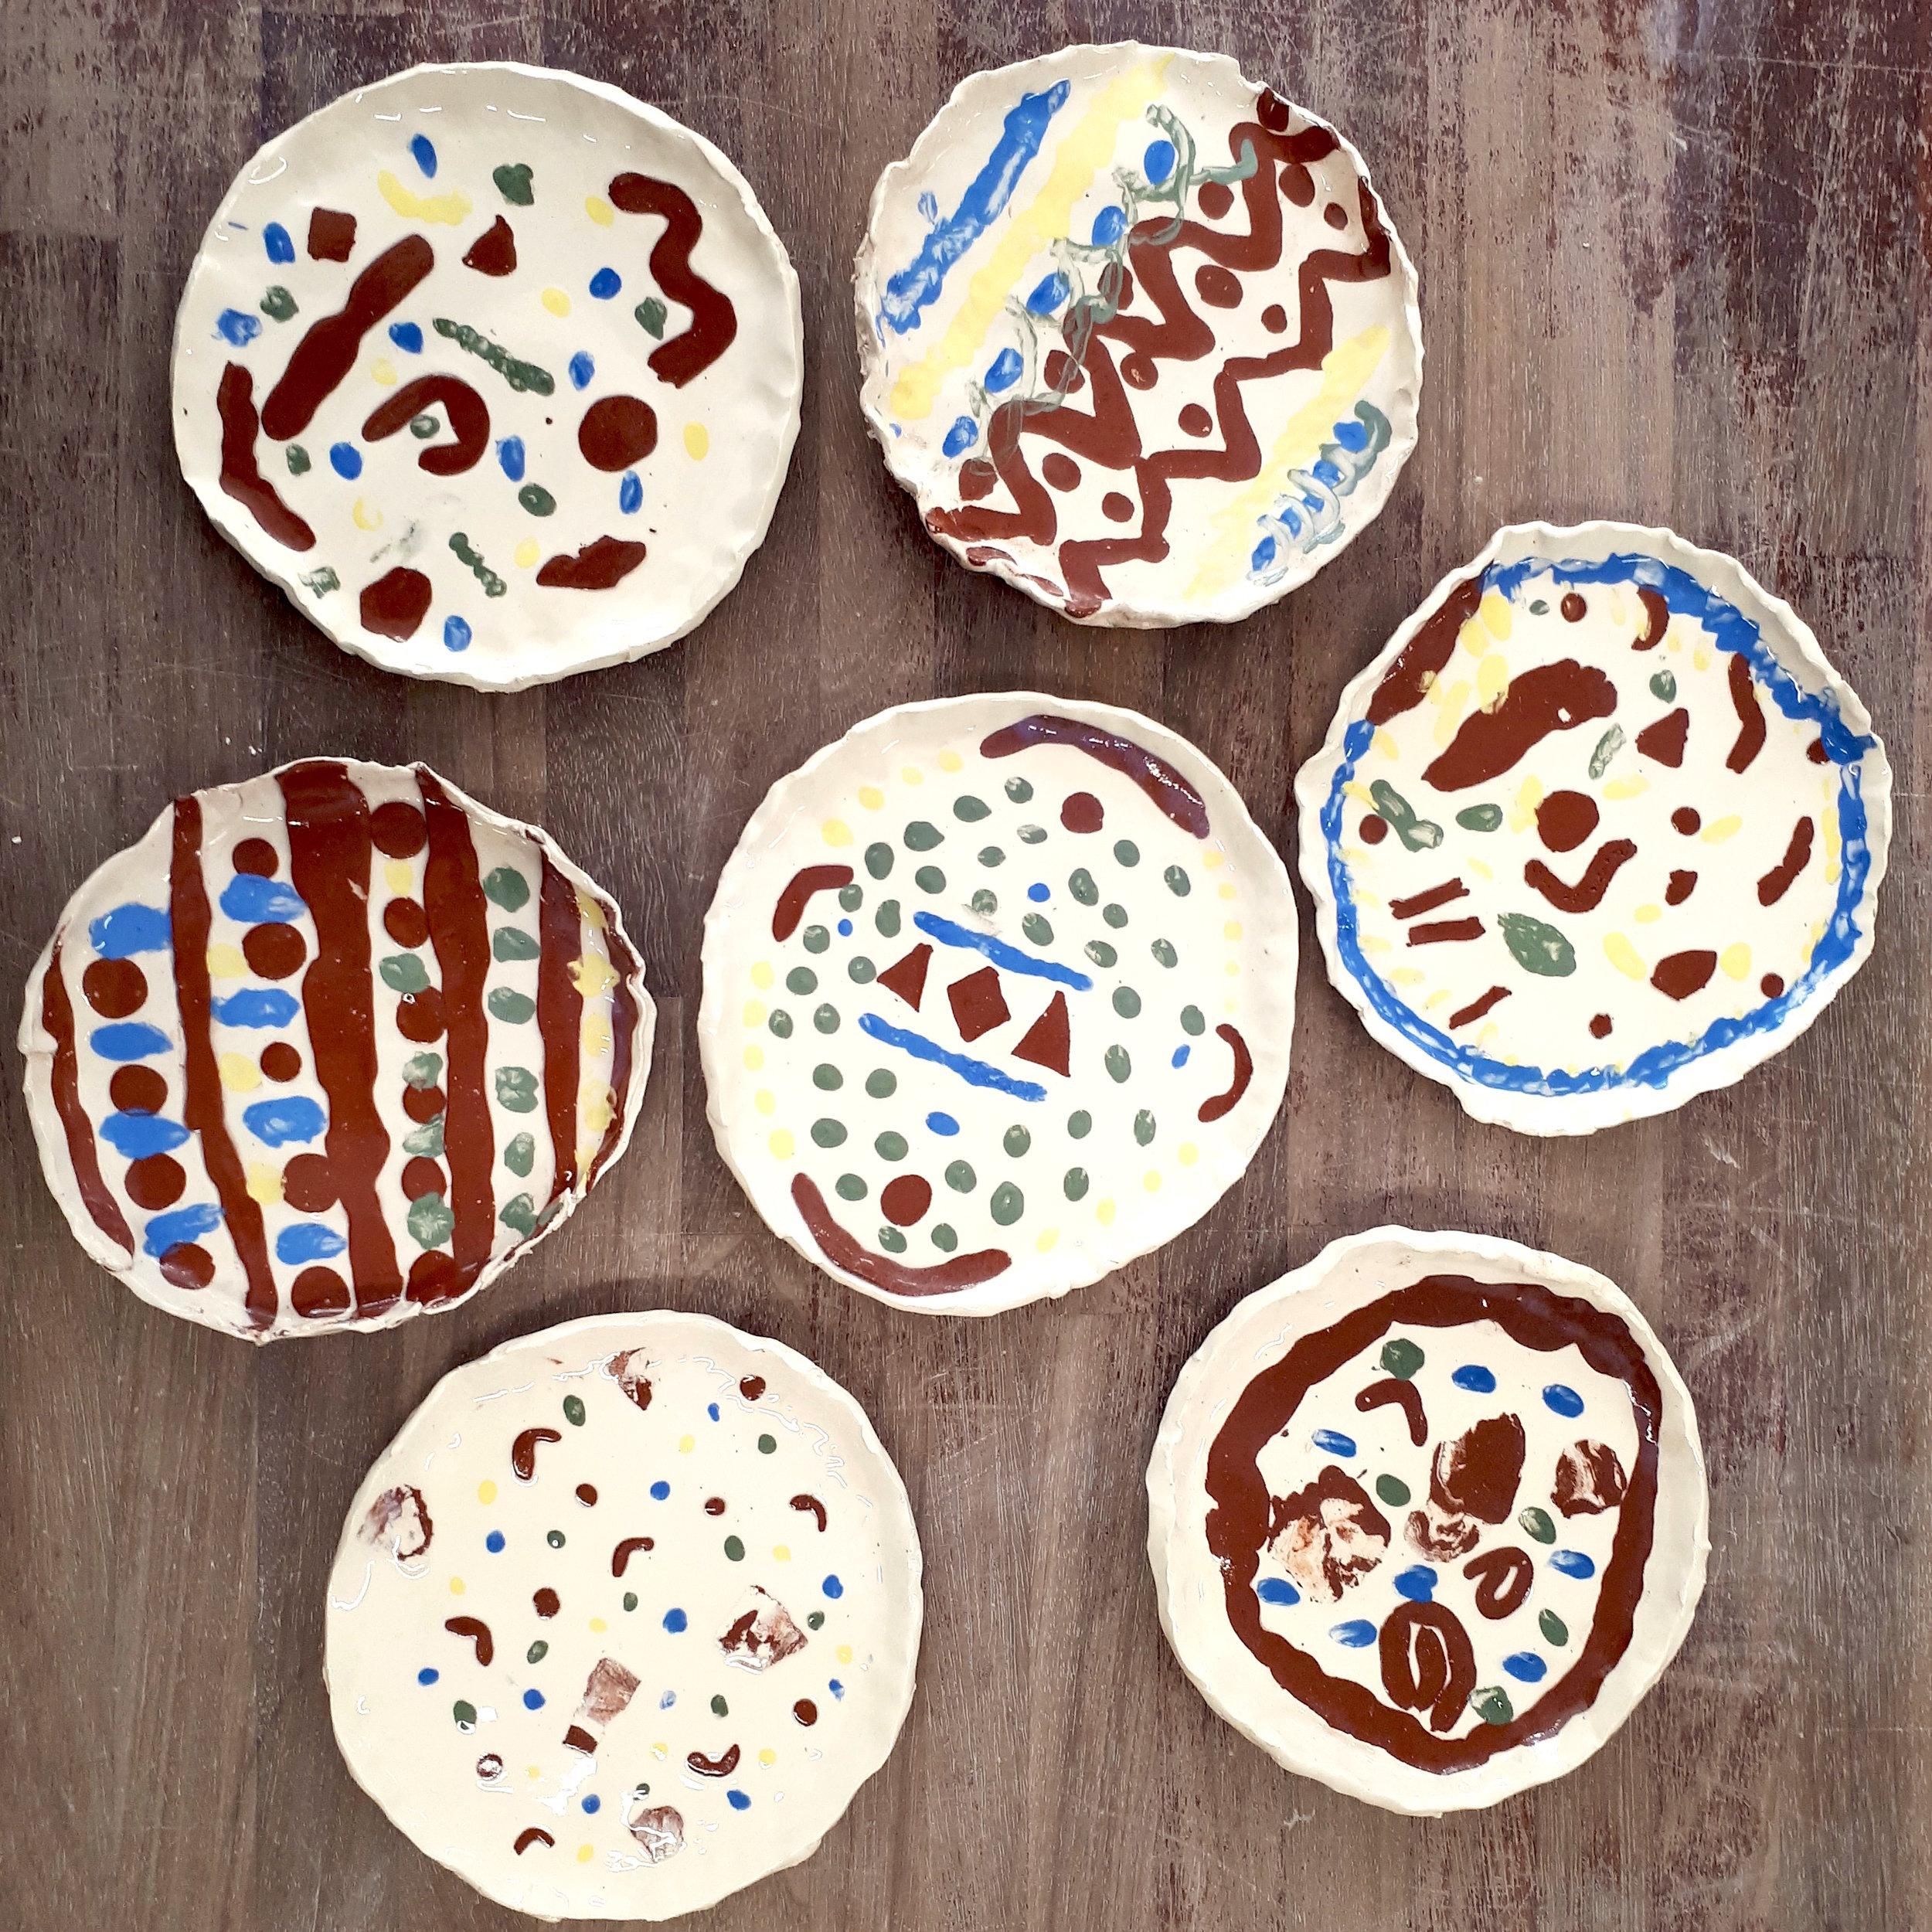 plate-children-school-ceramic-clay-workshop.jpg